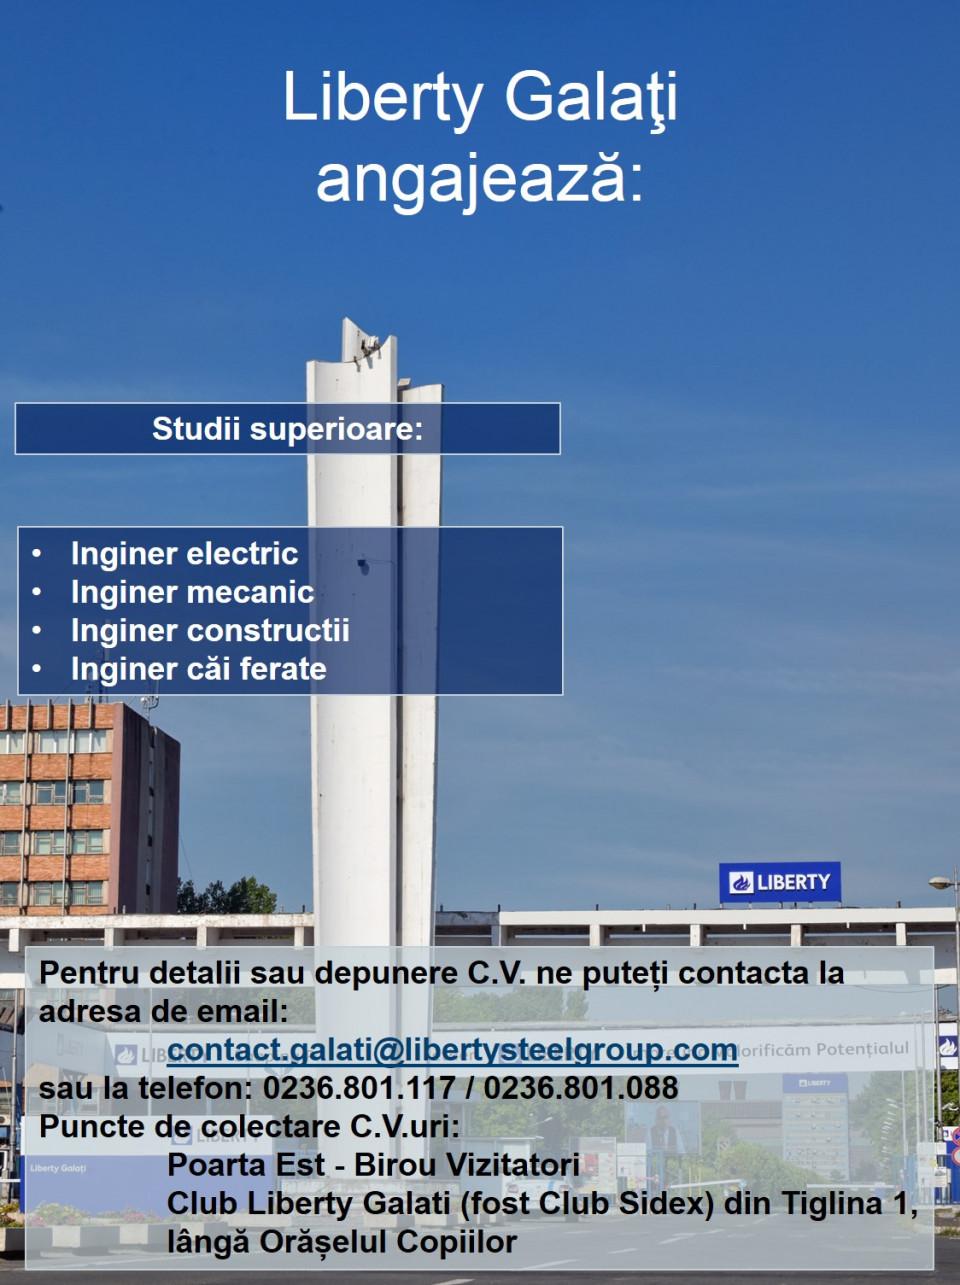 Liberty GalaţiSituat în estul României, Liberty Galaţi numără aproximativ 5.000 de angajaţi şi este cel mai mare combinat integrat din ţară şi lider în fabricarea produselor siderurgice, cu o capacitate de producţie de 3 milioane tone oţel. Galaţiul, cunoscut drept